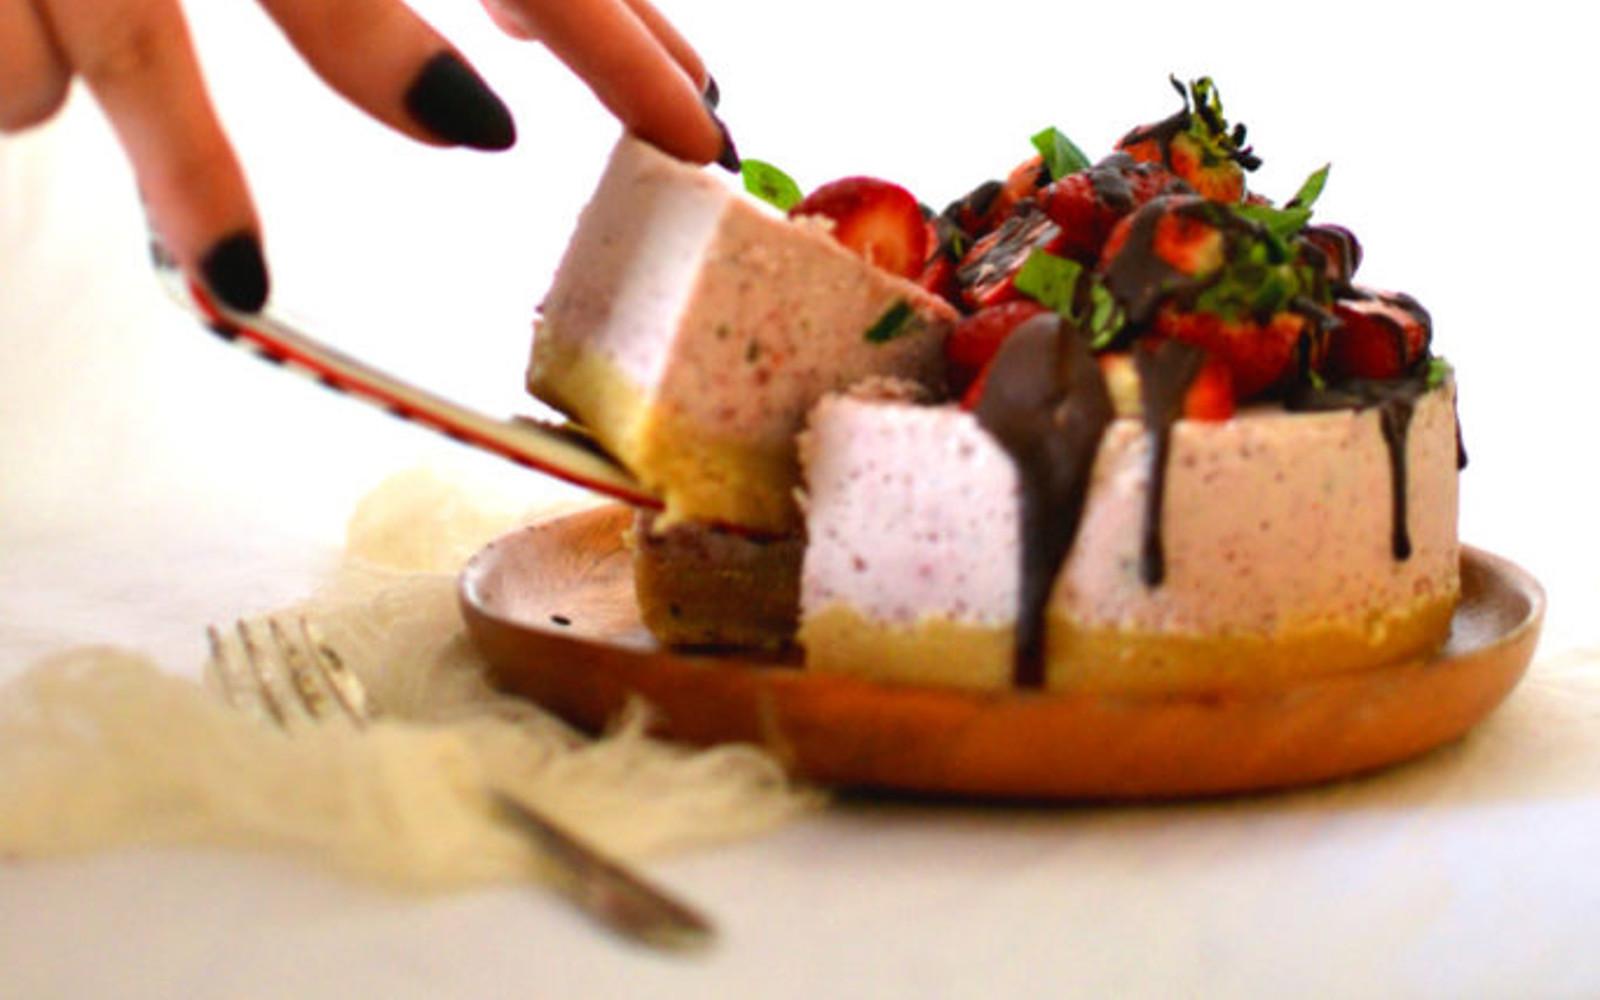 Vegan Gluten-Free Raw Strawberry and Basil Cheesecake